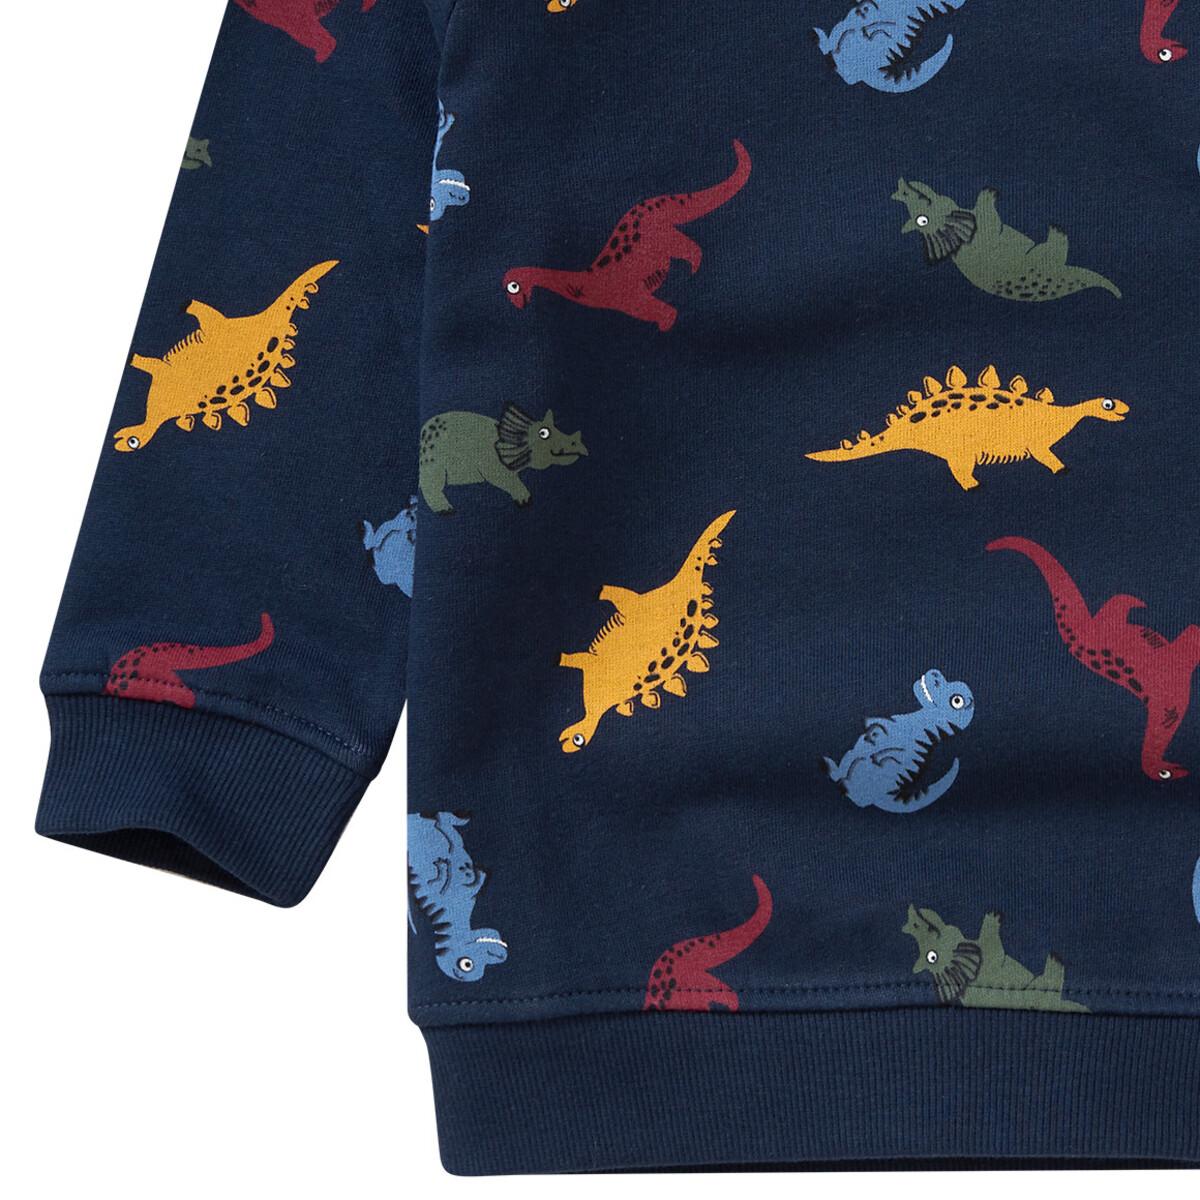 Bild 3 von Jungen Sweatshirt mit Dino-Allover